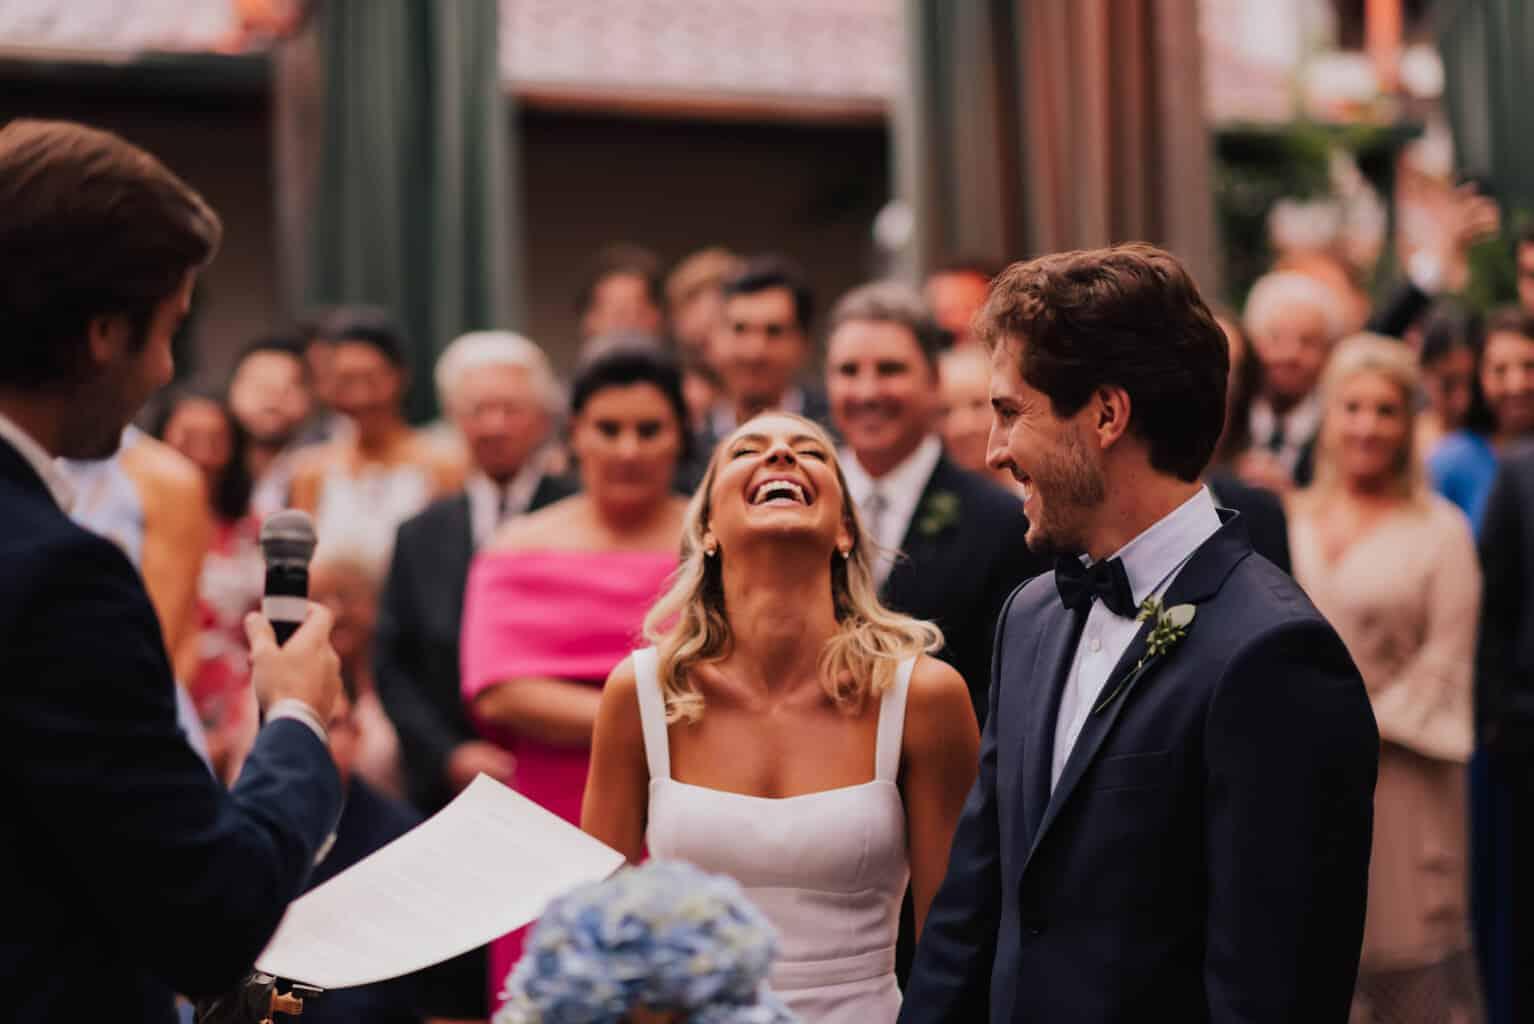 casamento-Maitê-e-Breno-cerimonia-no-jardim-Fotografia-Mana-Gollo-Hotel-Timbó-Park-noivos-no-altar47-1